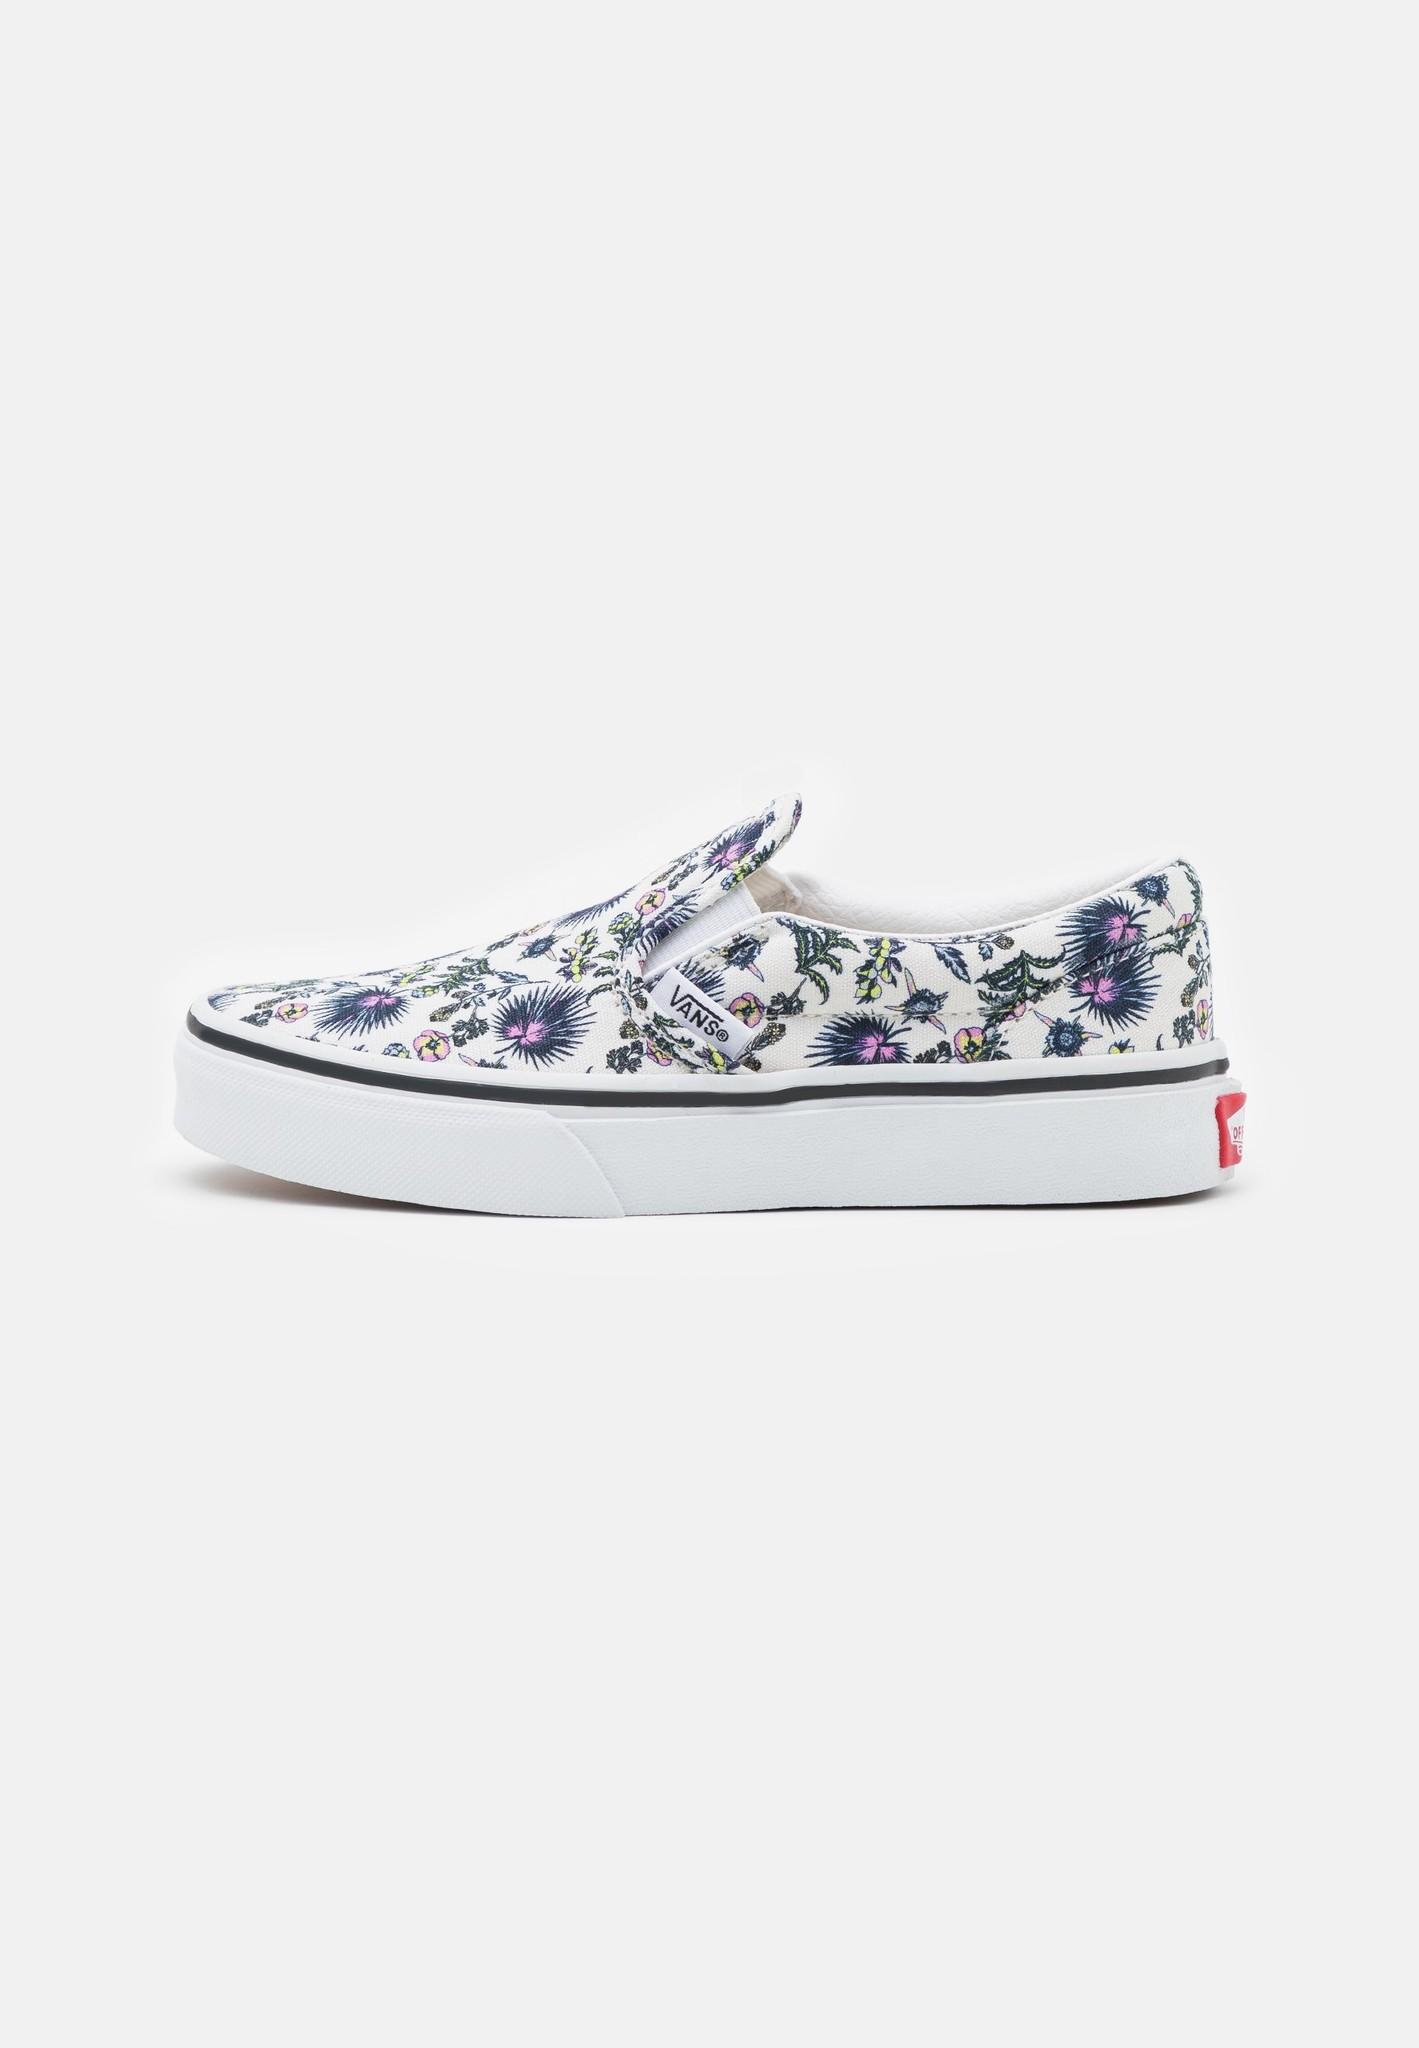 VANS Paradise Floral Classic Slip-On Kinderschoenen